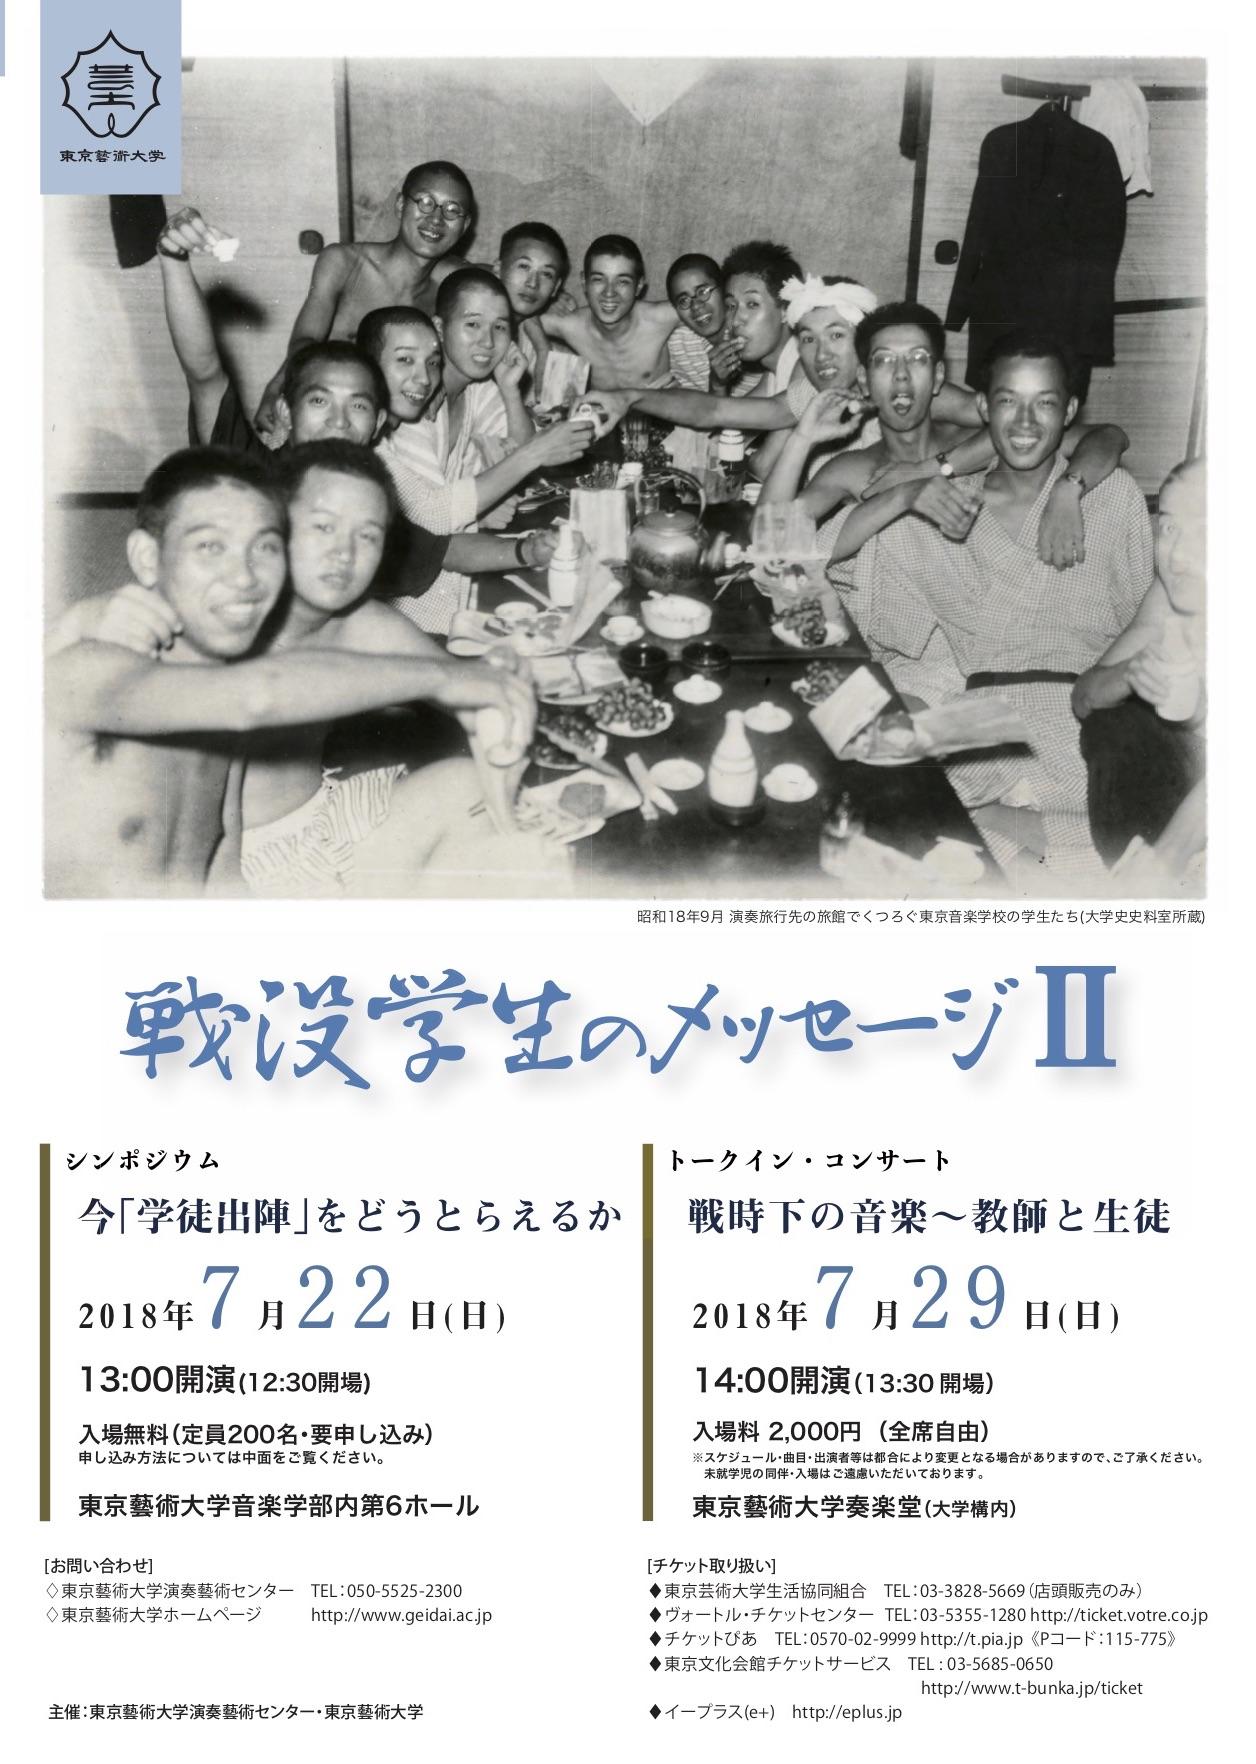 7/29 第2回演奏会に向けて(3)